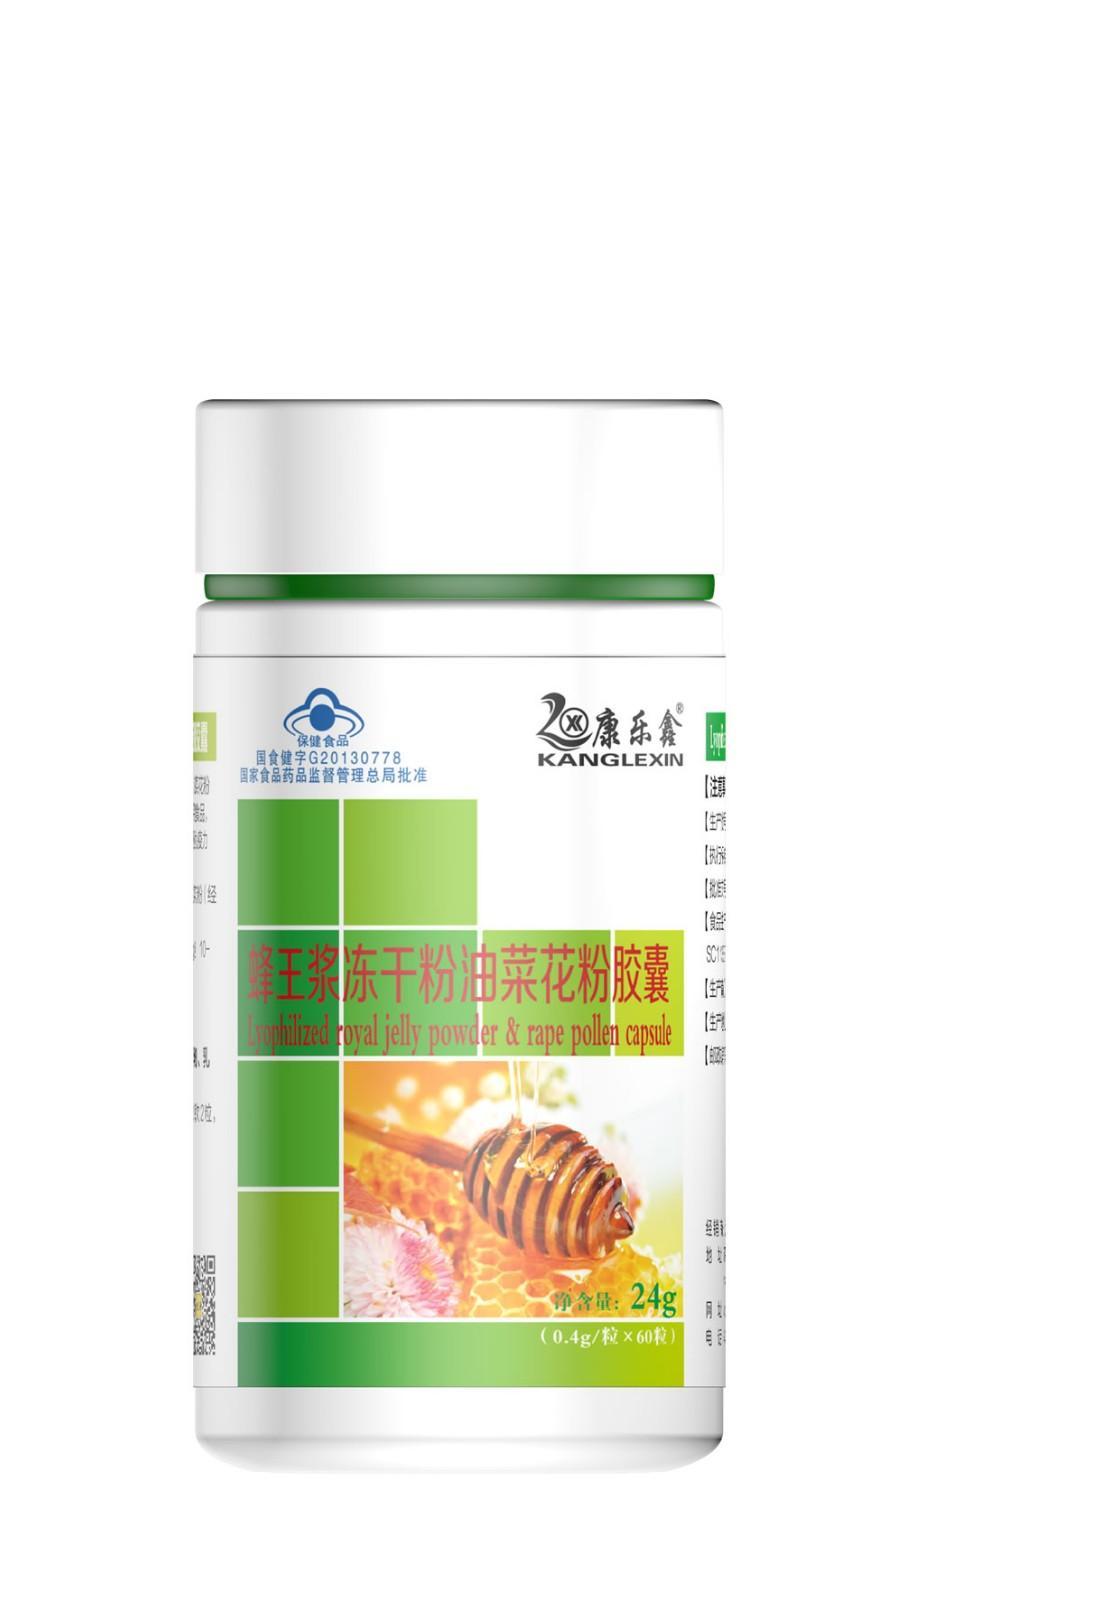 康乐鑫-蜂王浆冻干粉油菜花粉胶囊